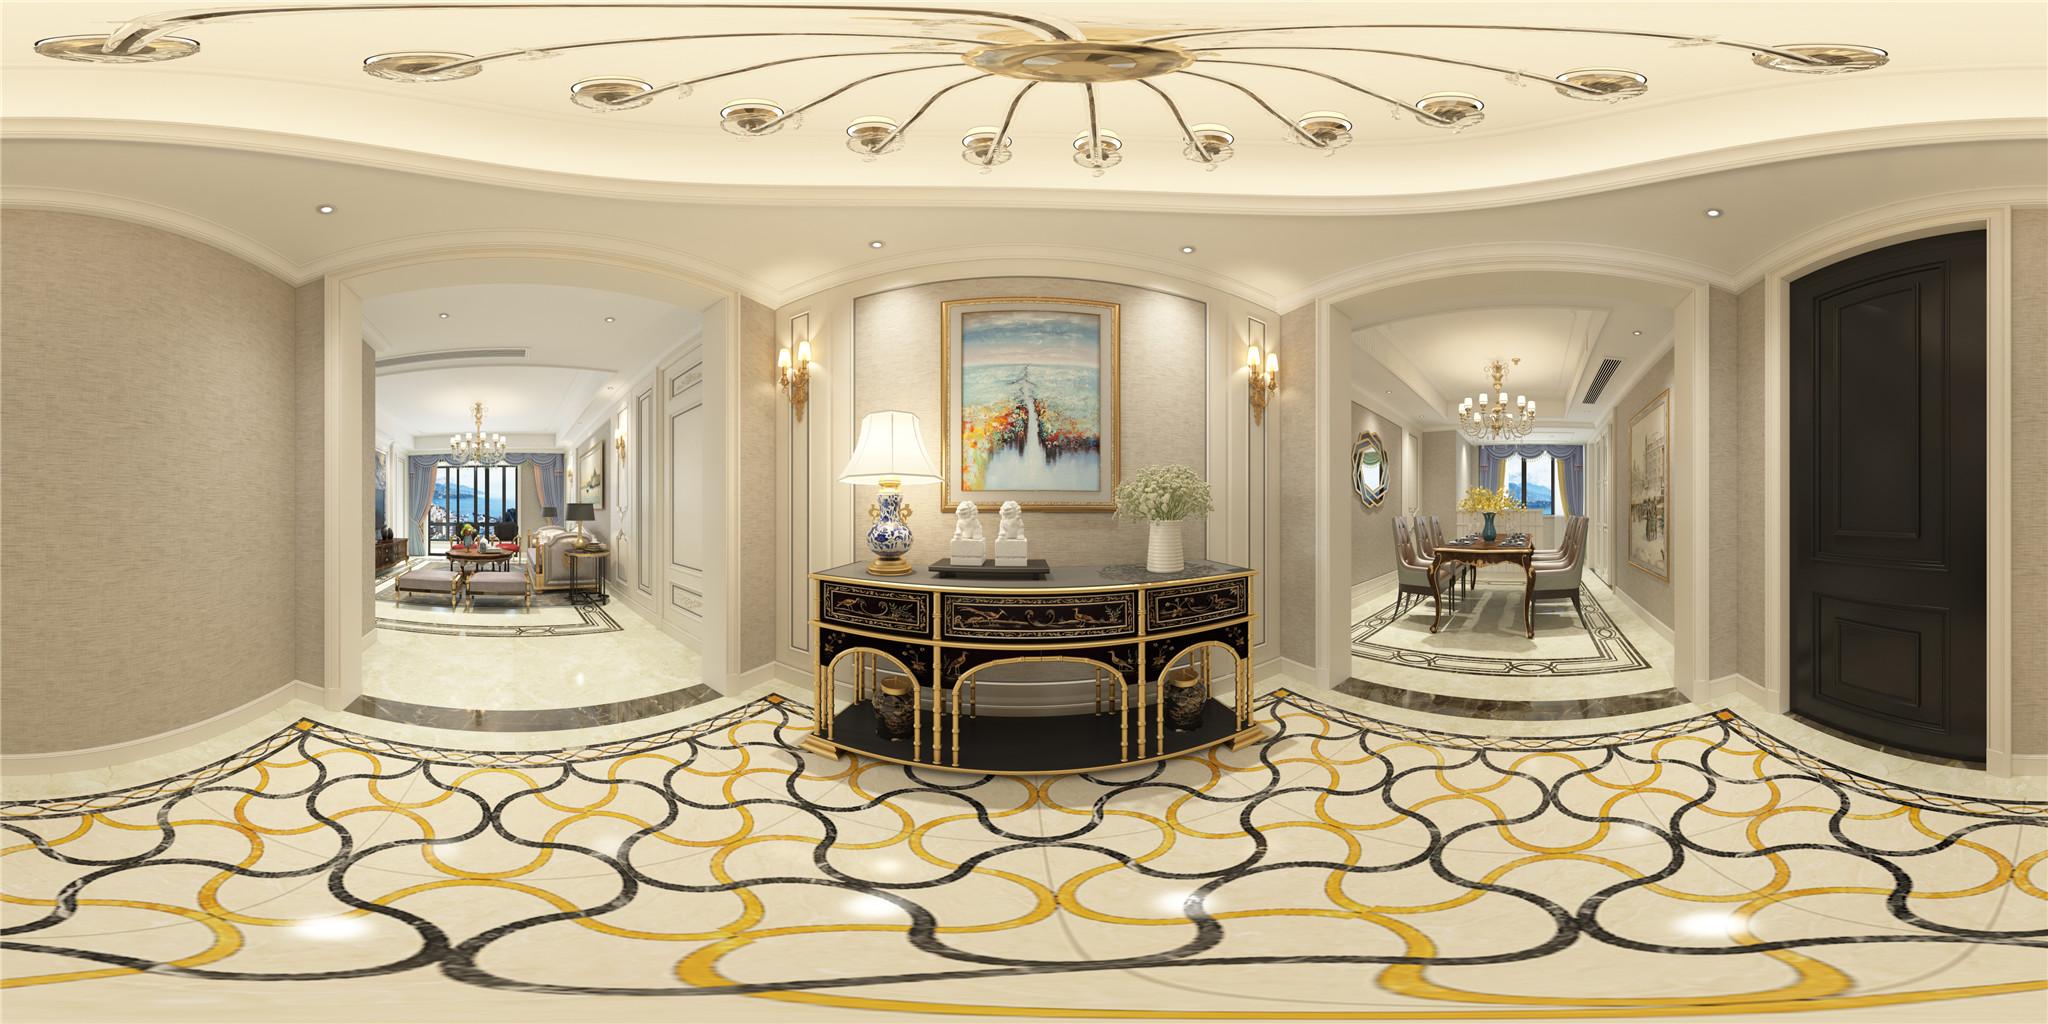 2.门厅及餐厅入户既被精致的玄关柜所吸引,墙面配合淡雅的冷色系景观油画,与玄关柜相映成趣。地面错落有致的大理石拼花与玄关柜曲线造型的桌脚相得益彰。